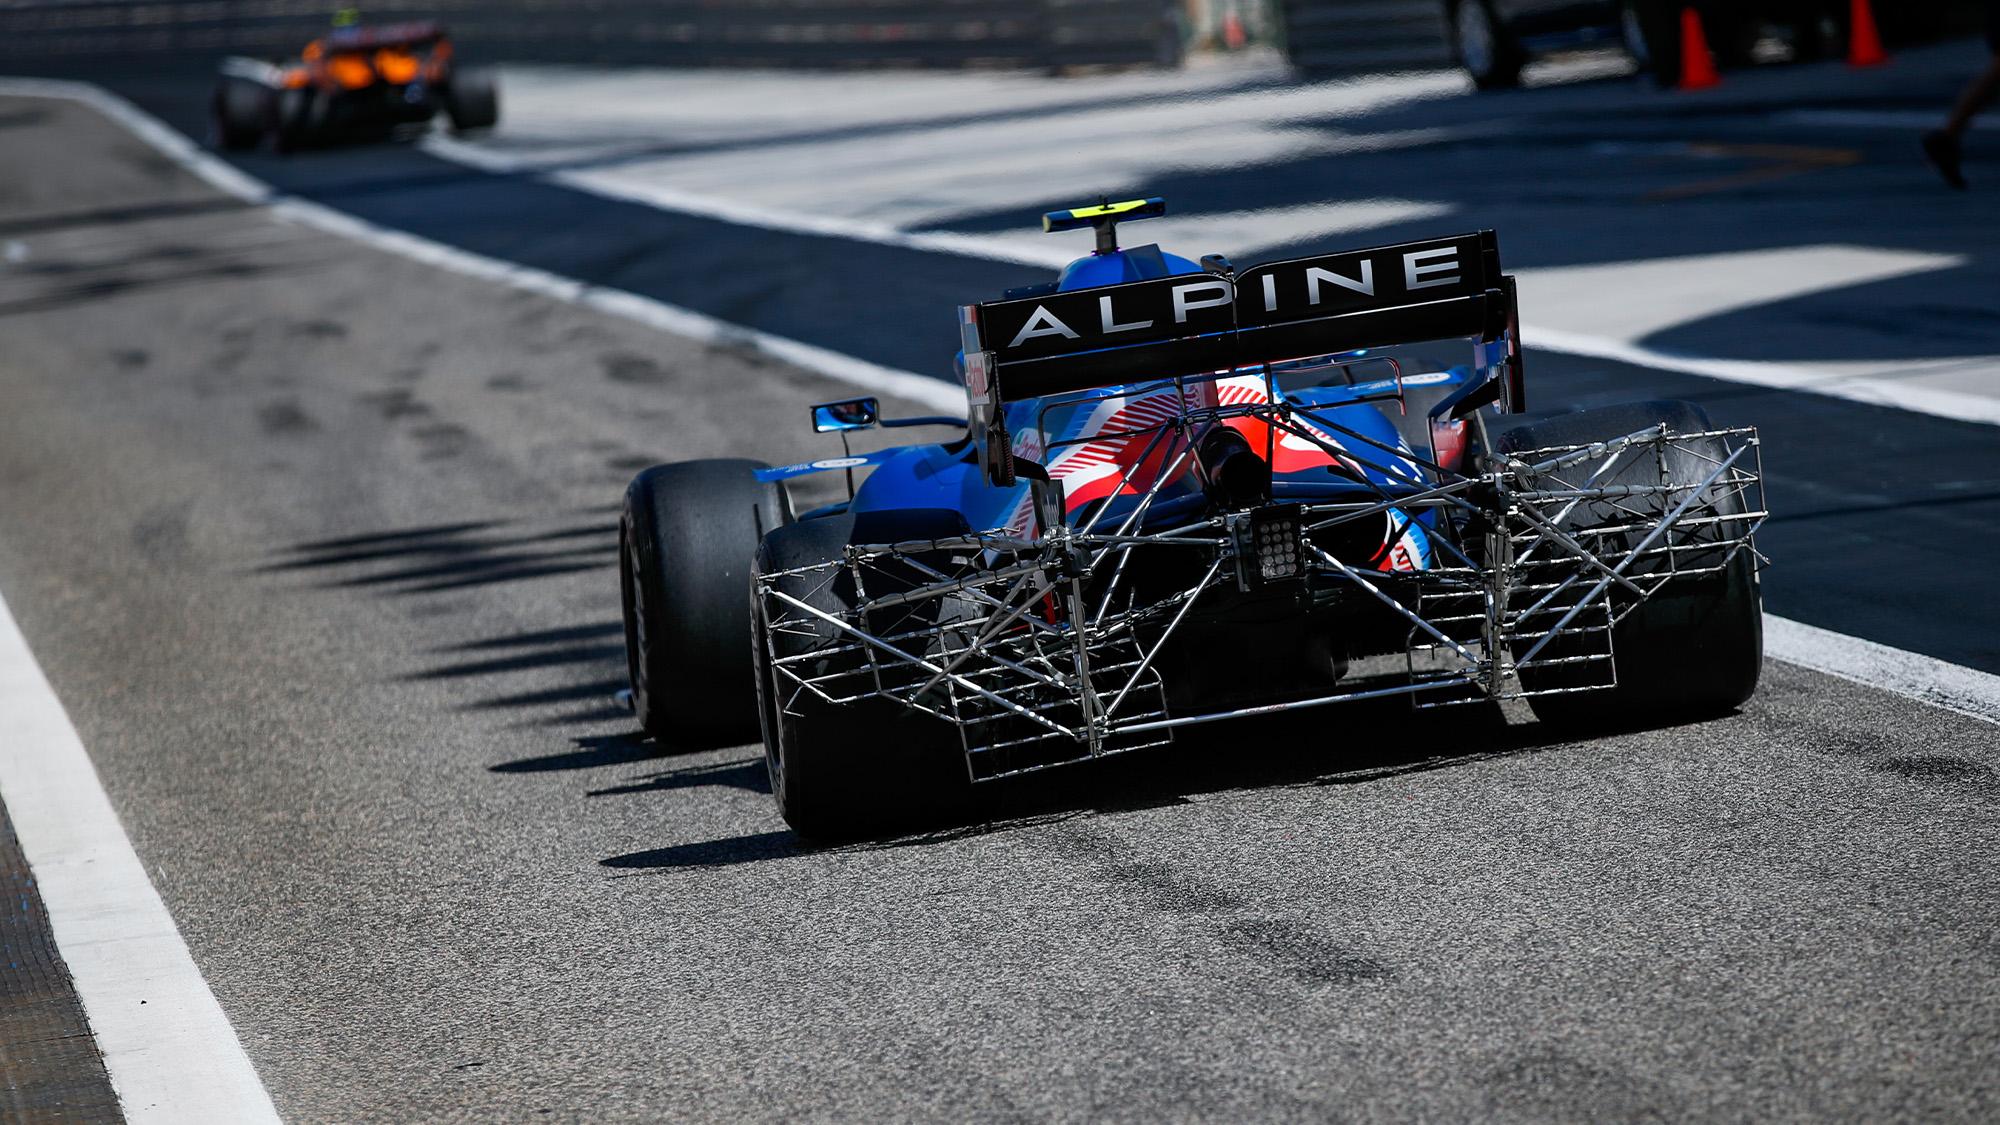 Rear aero rake on Alpine in 2021 F1 testing